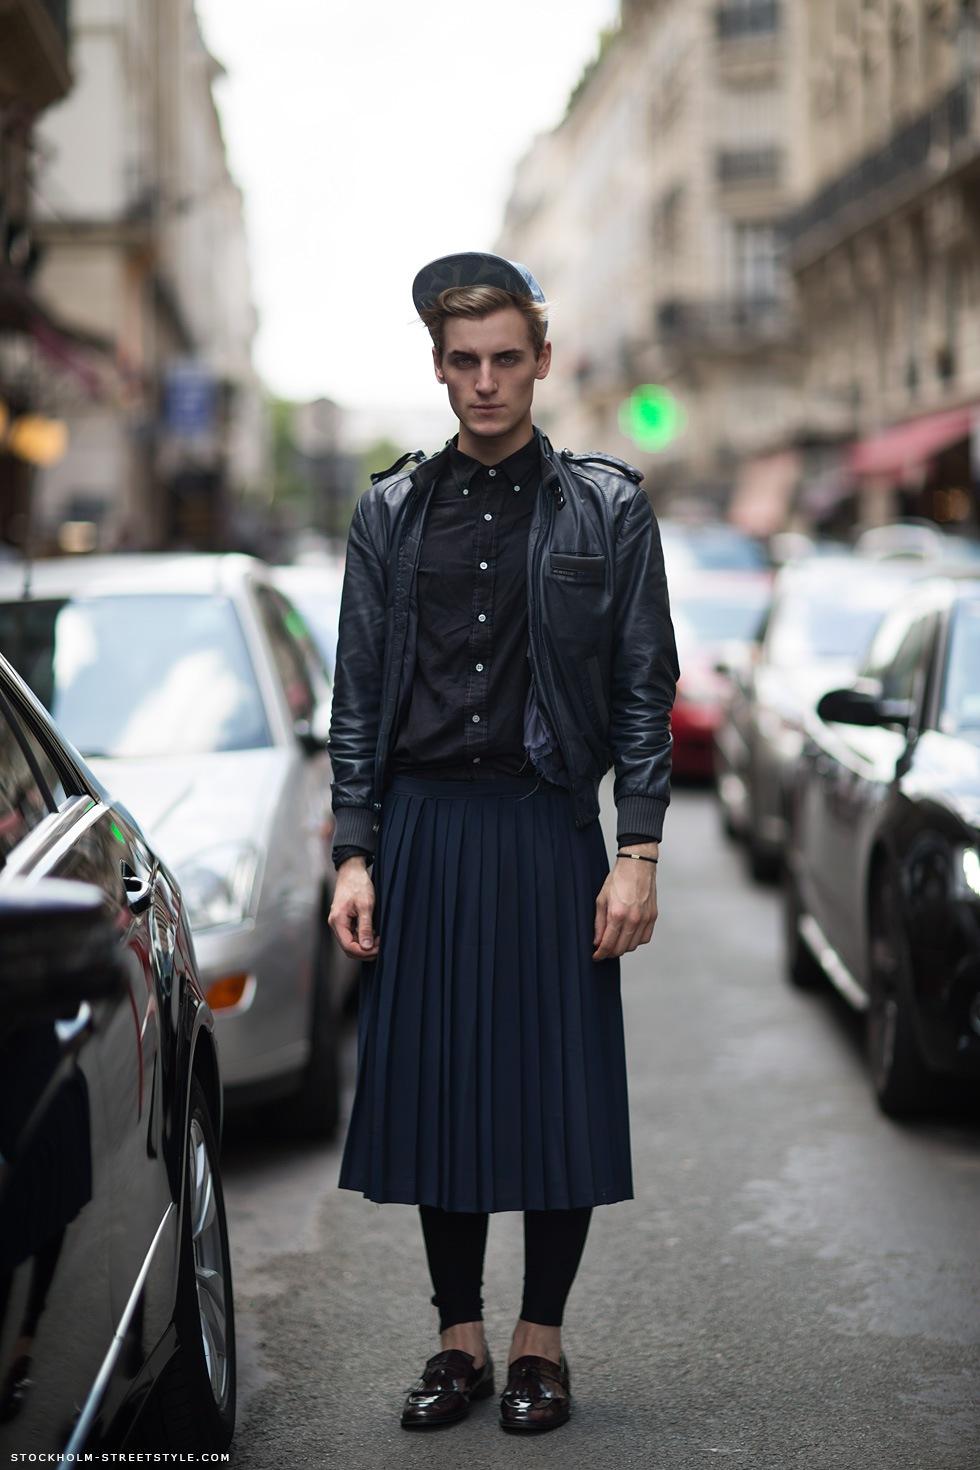 wpid-Leather-Skirts-For-Men-2014-2015-3.jpg